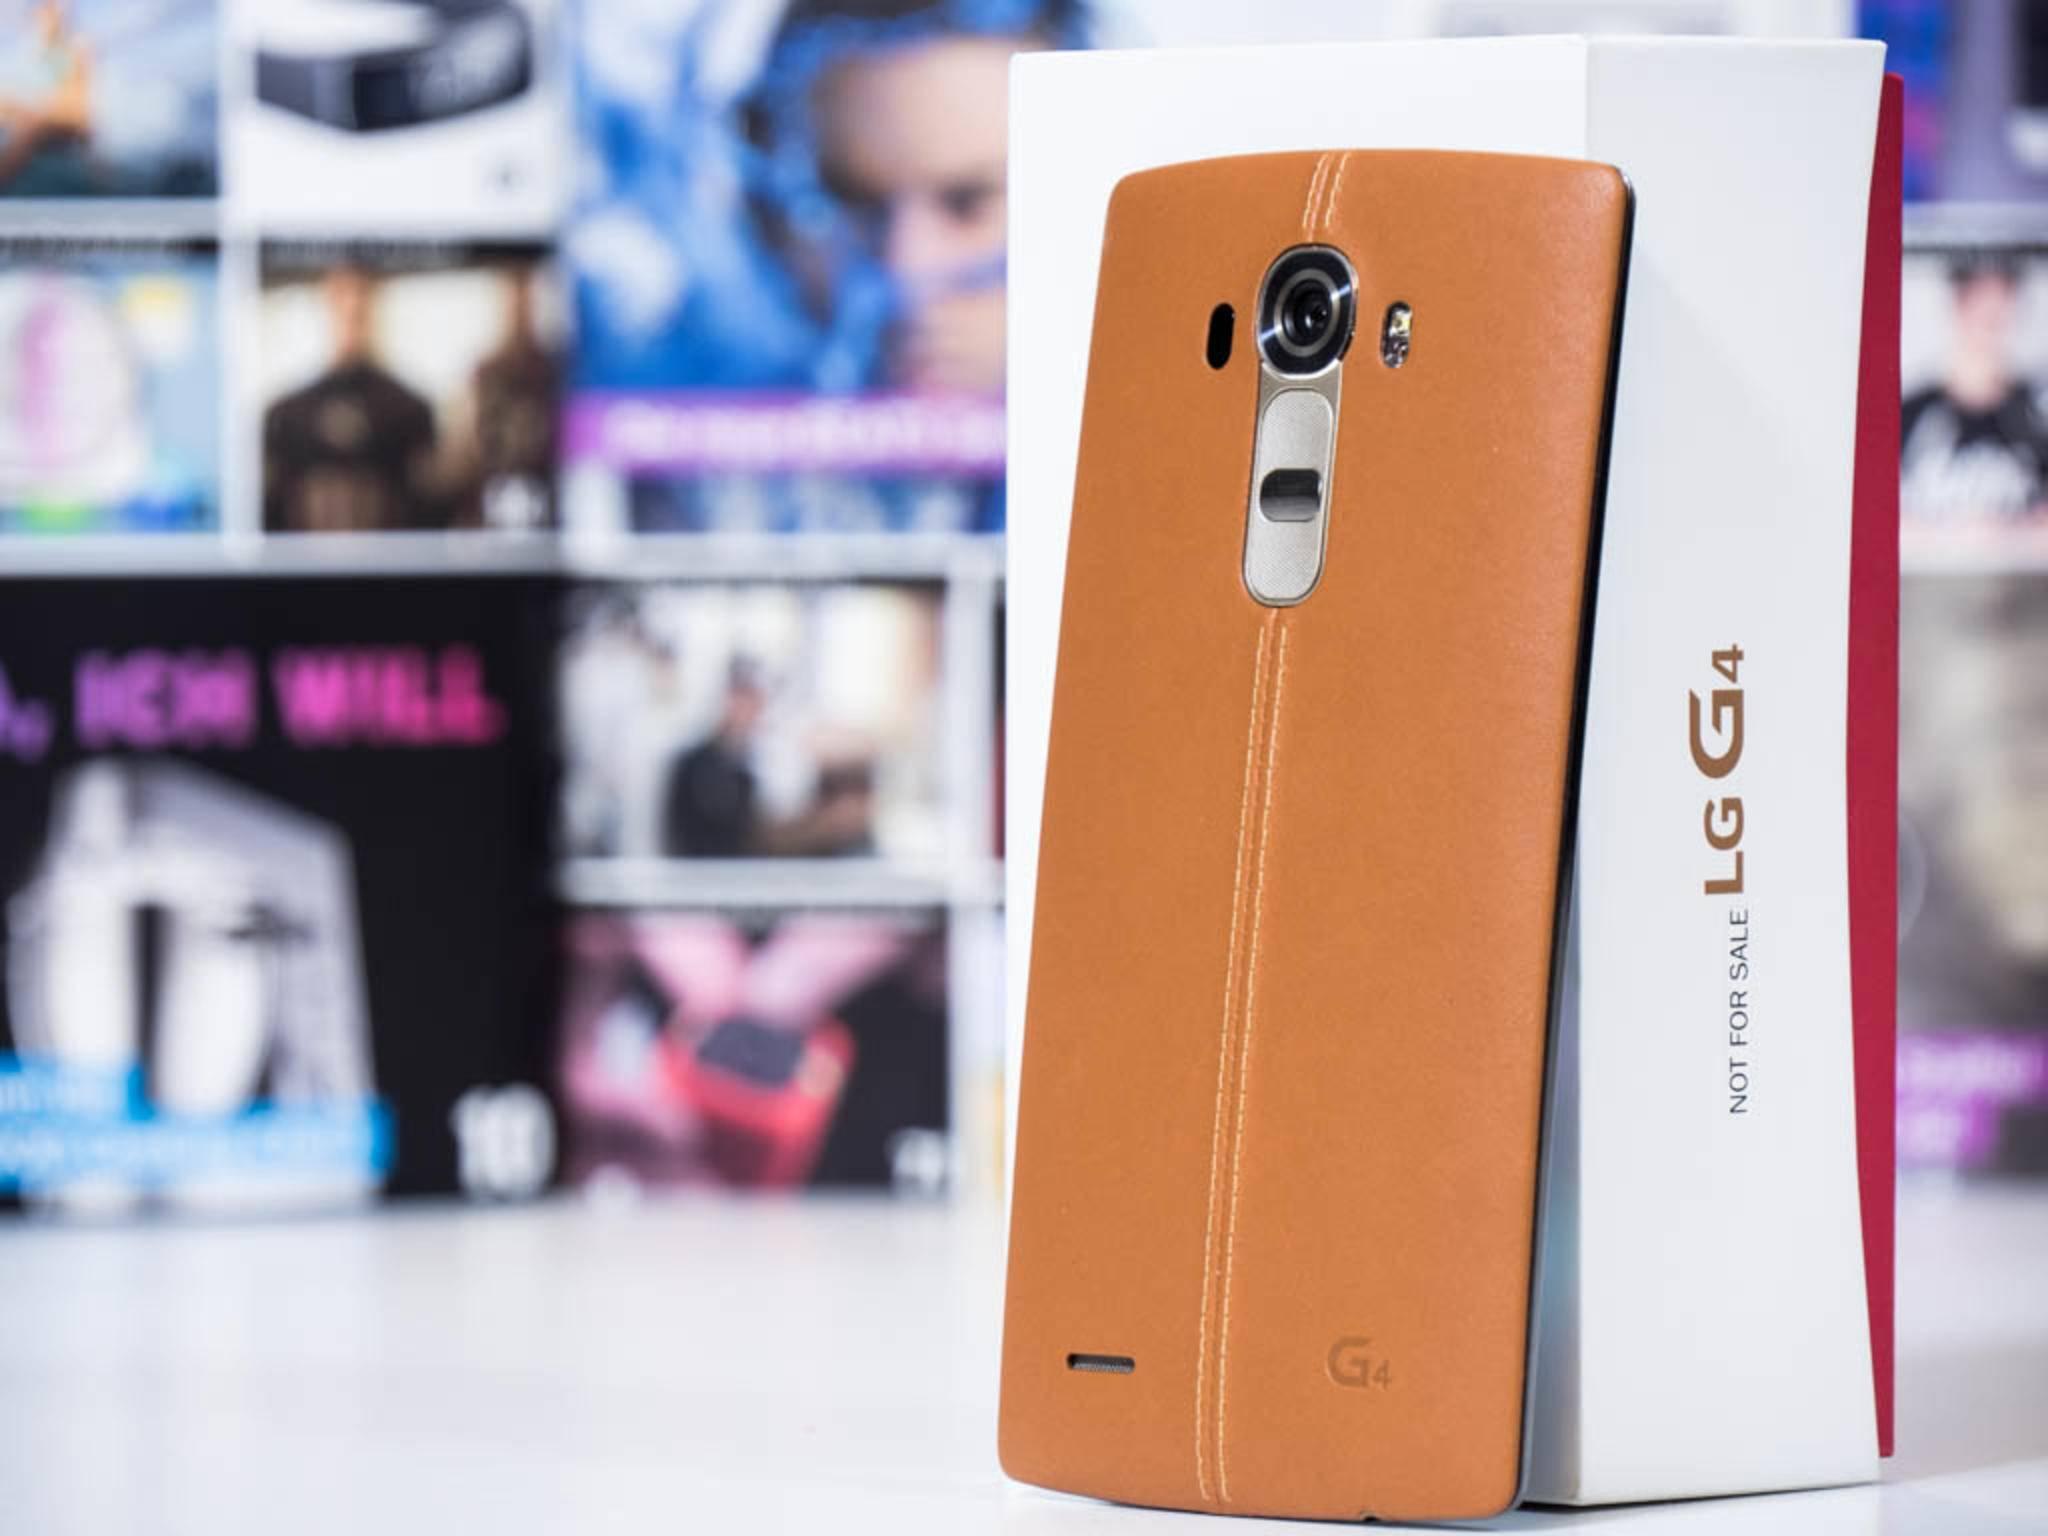 Das LG G5 soll sich stark vom G4 unterscheiden.